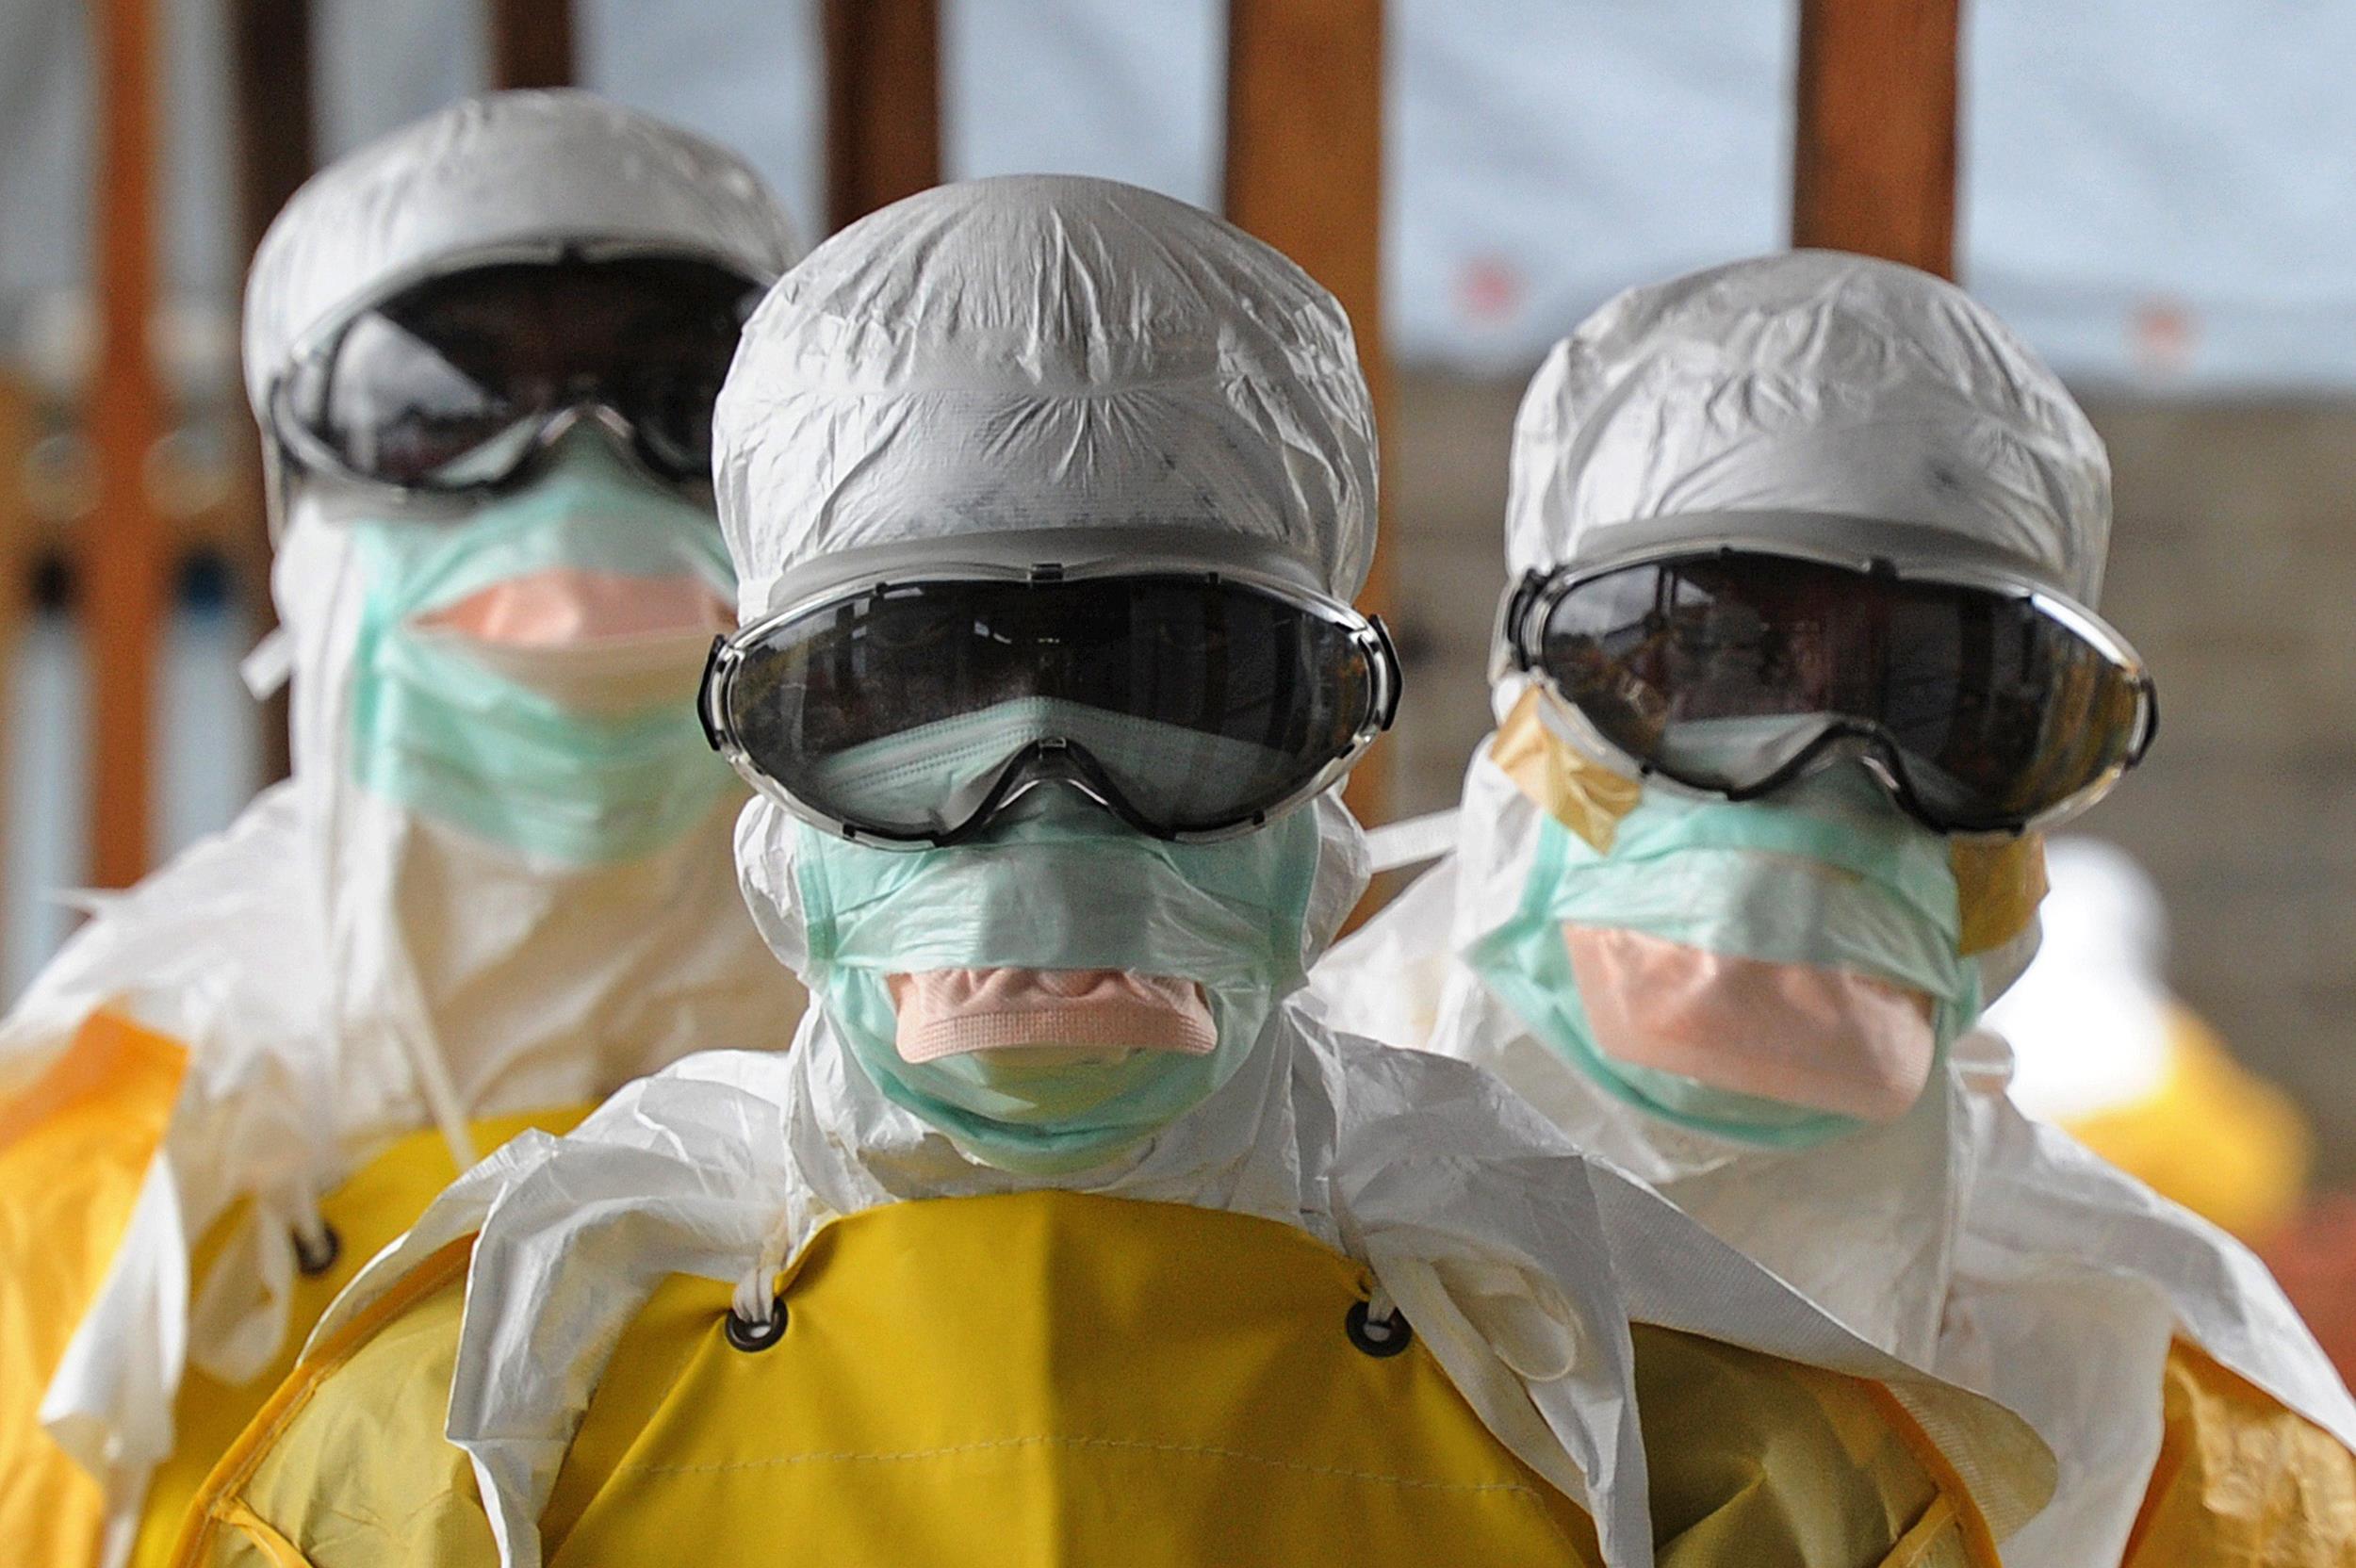 Ebola Medical team